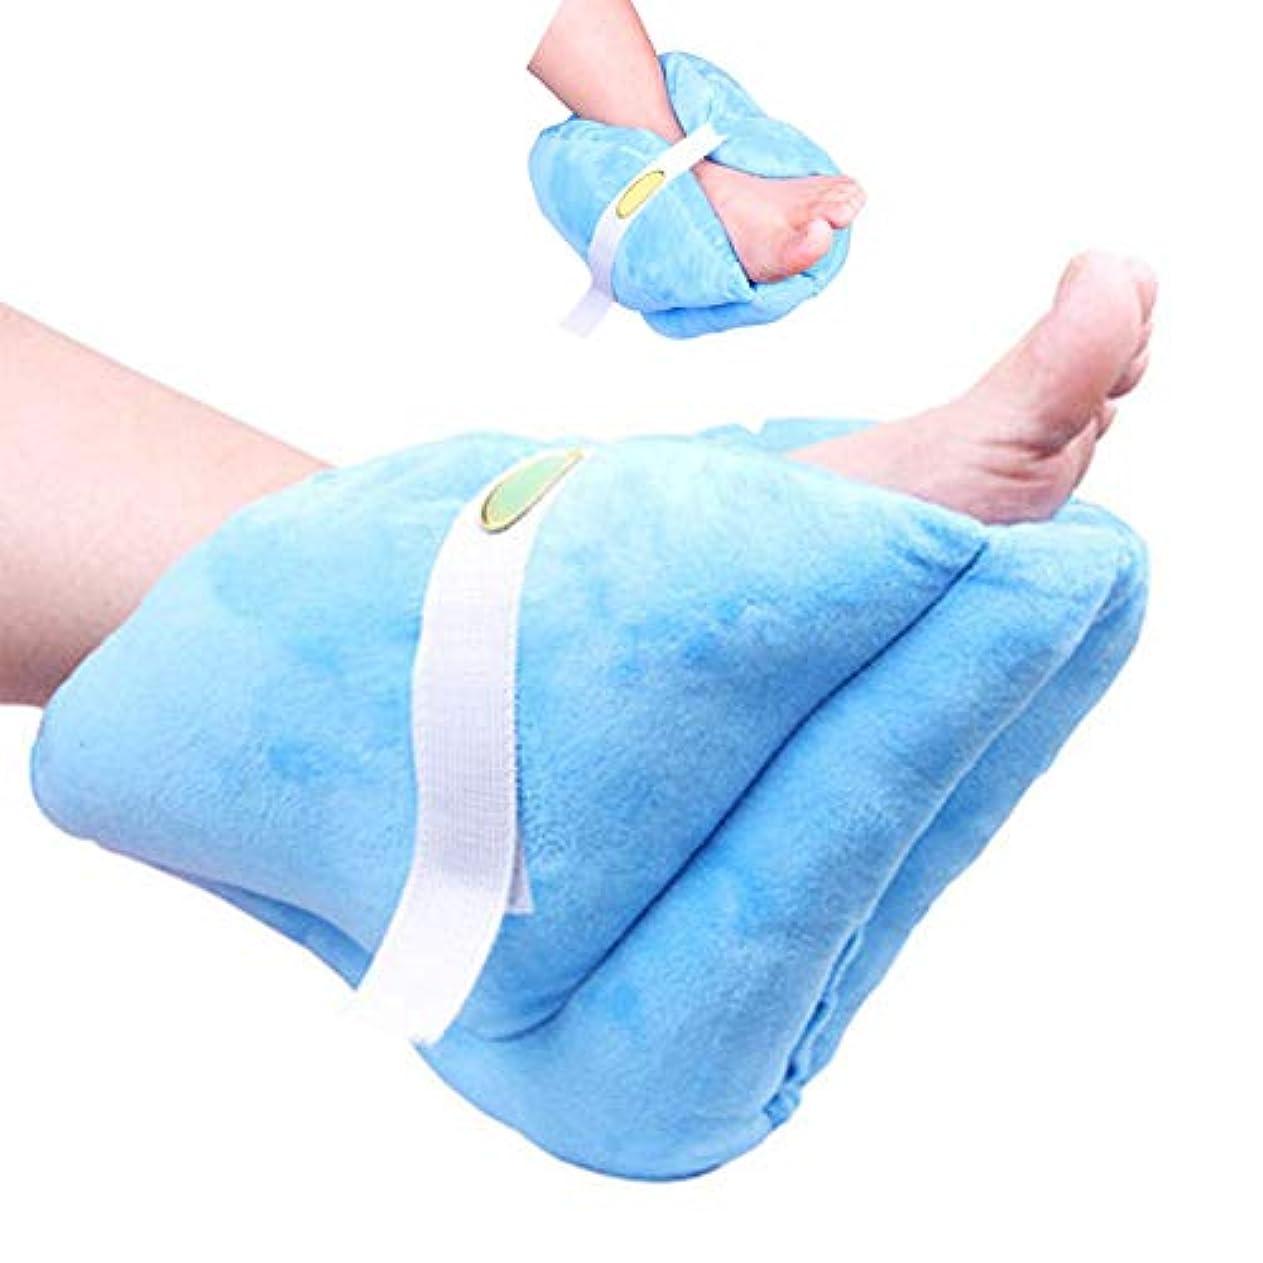 二年生成功するまでヒールクッションプロテクター、足と足首の枕 、足の圧力を緩和し、褥瘡を保護します